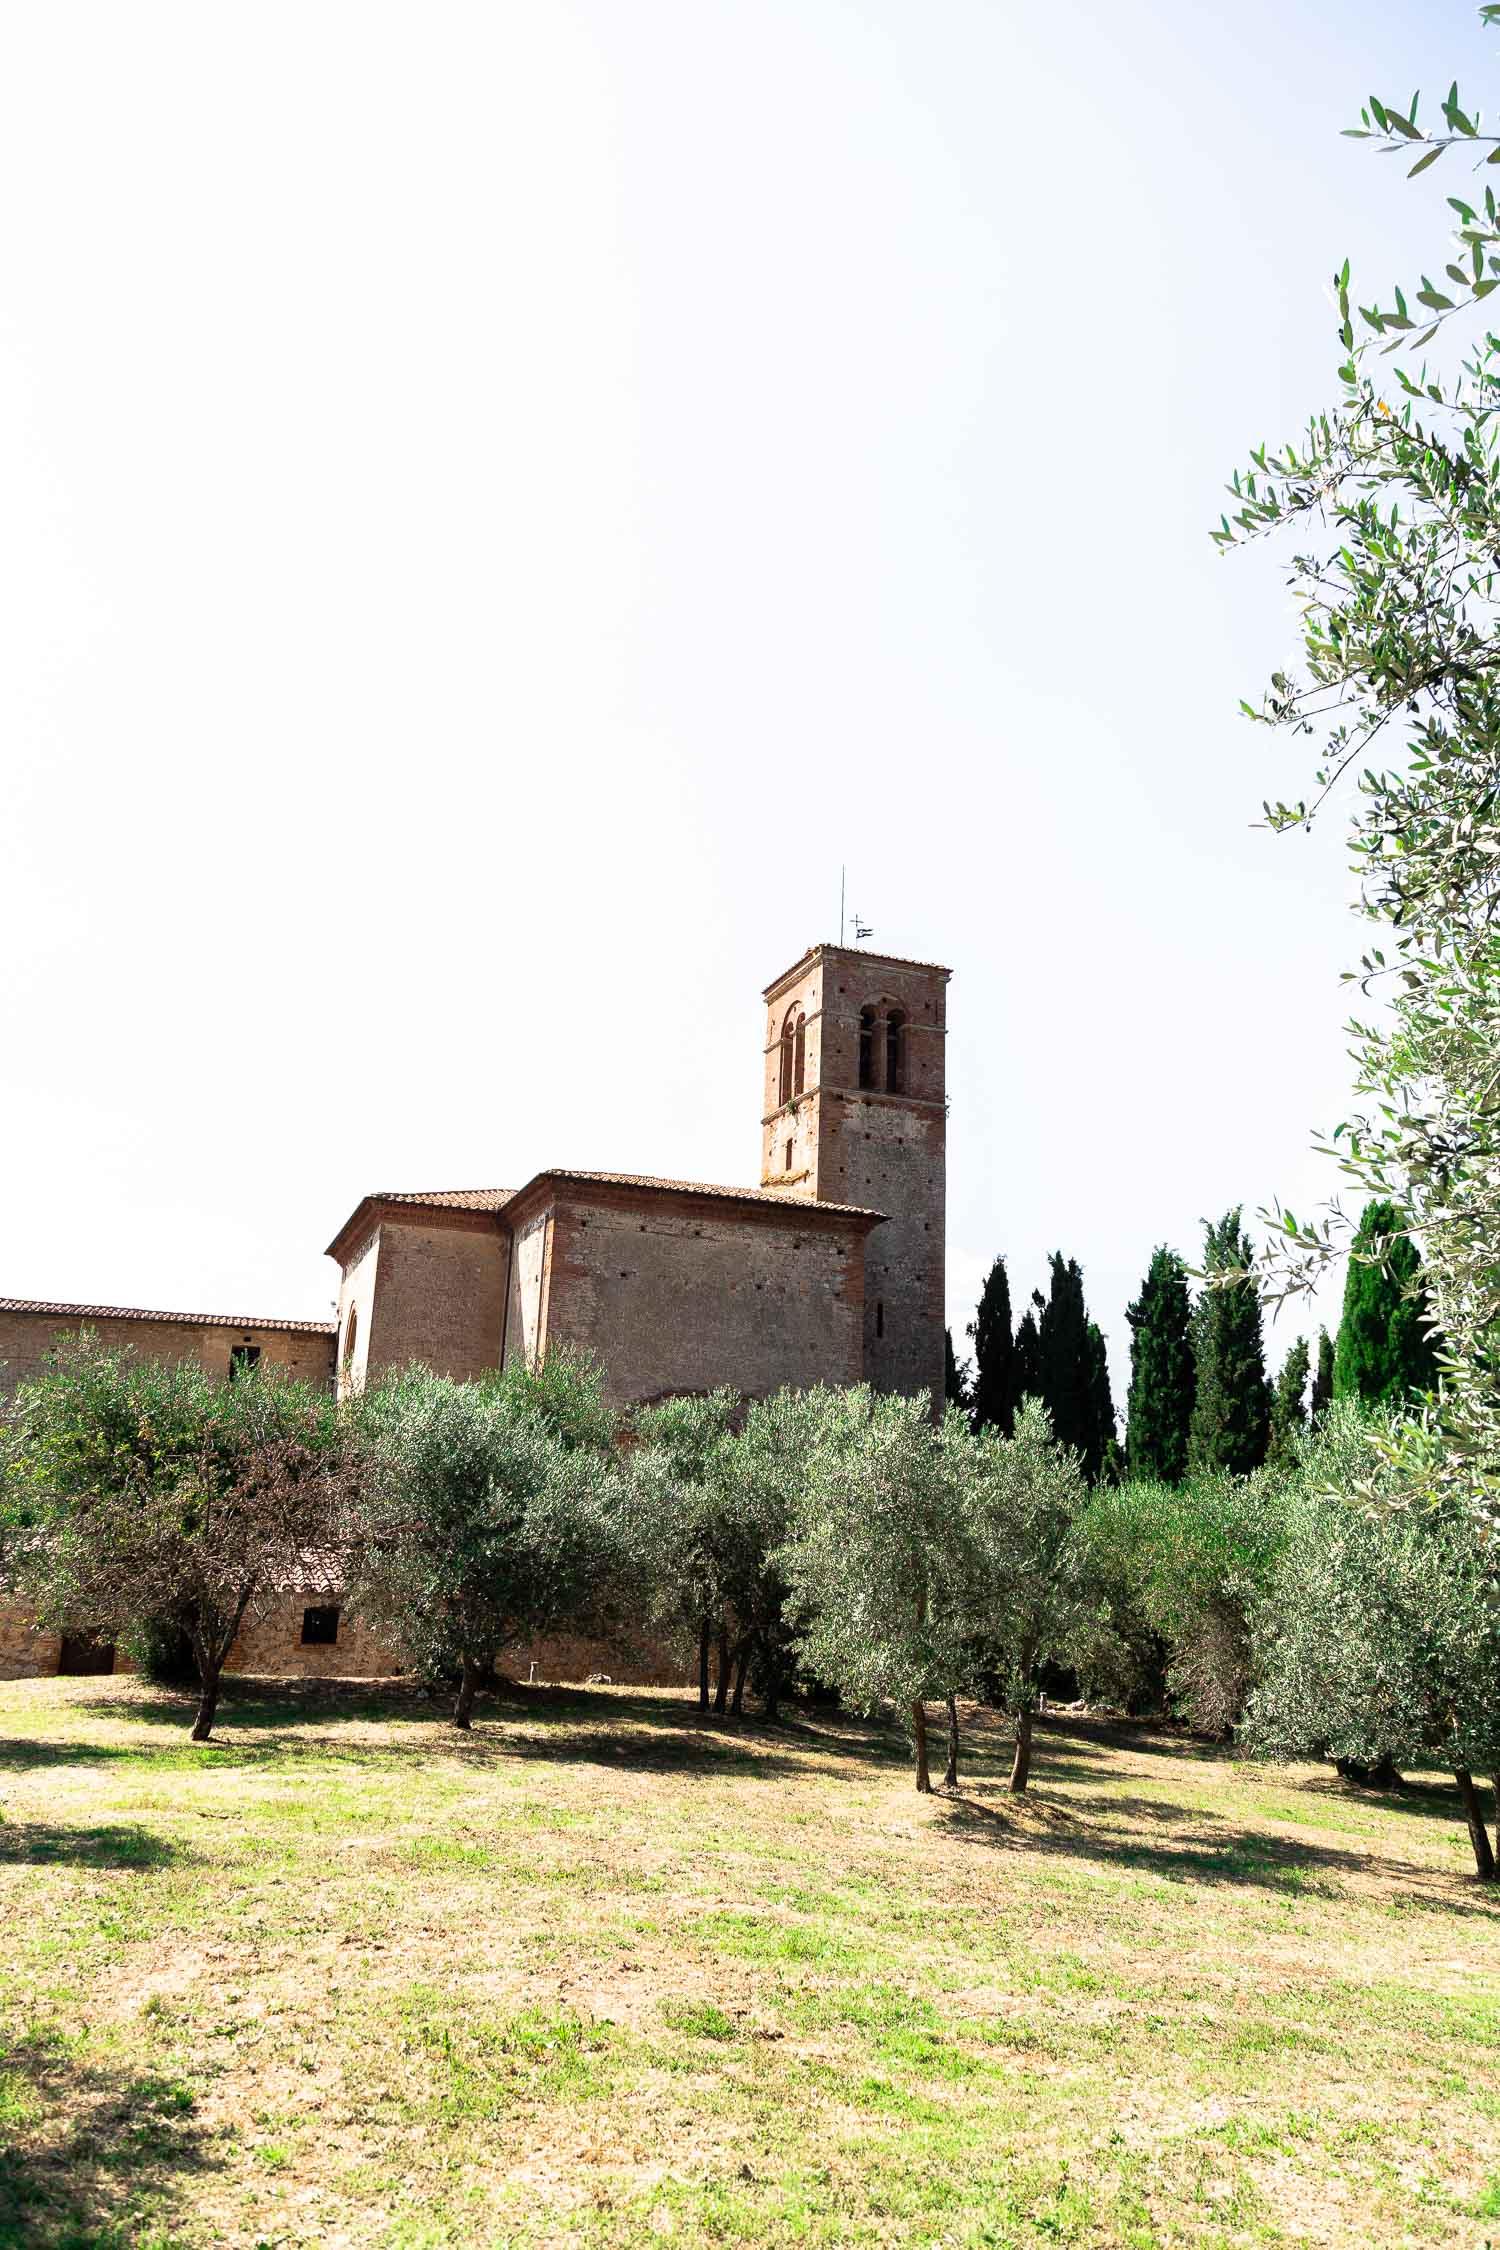 Tuscany-Sant-Anna-in-Camprena-5372.jpg